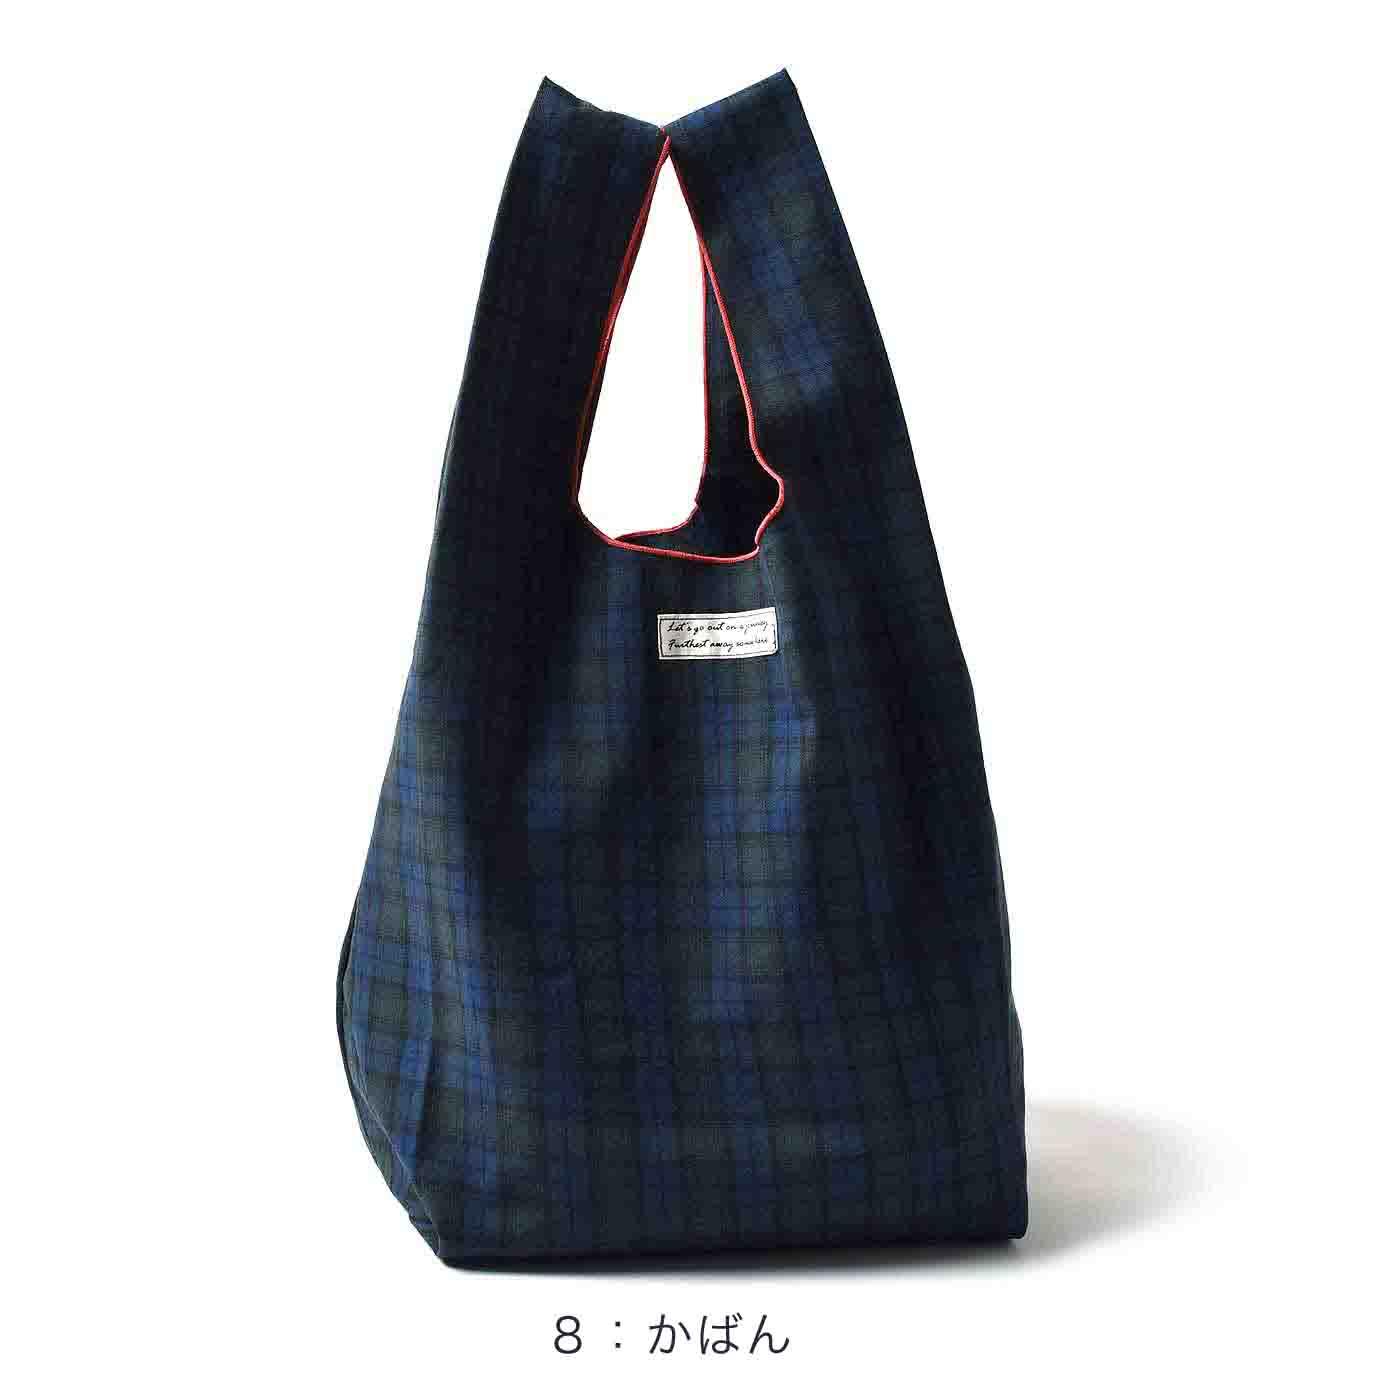 必要なものを入れて持ち歩ける肩掛けバッグ。A4サイズも入ります。綿100% 縦約55cm(持ち手含む)、横約39cm 内ポケット付き